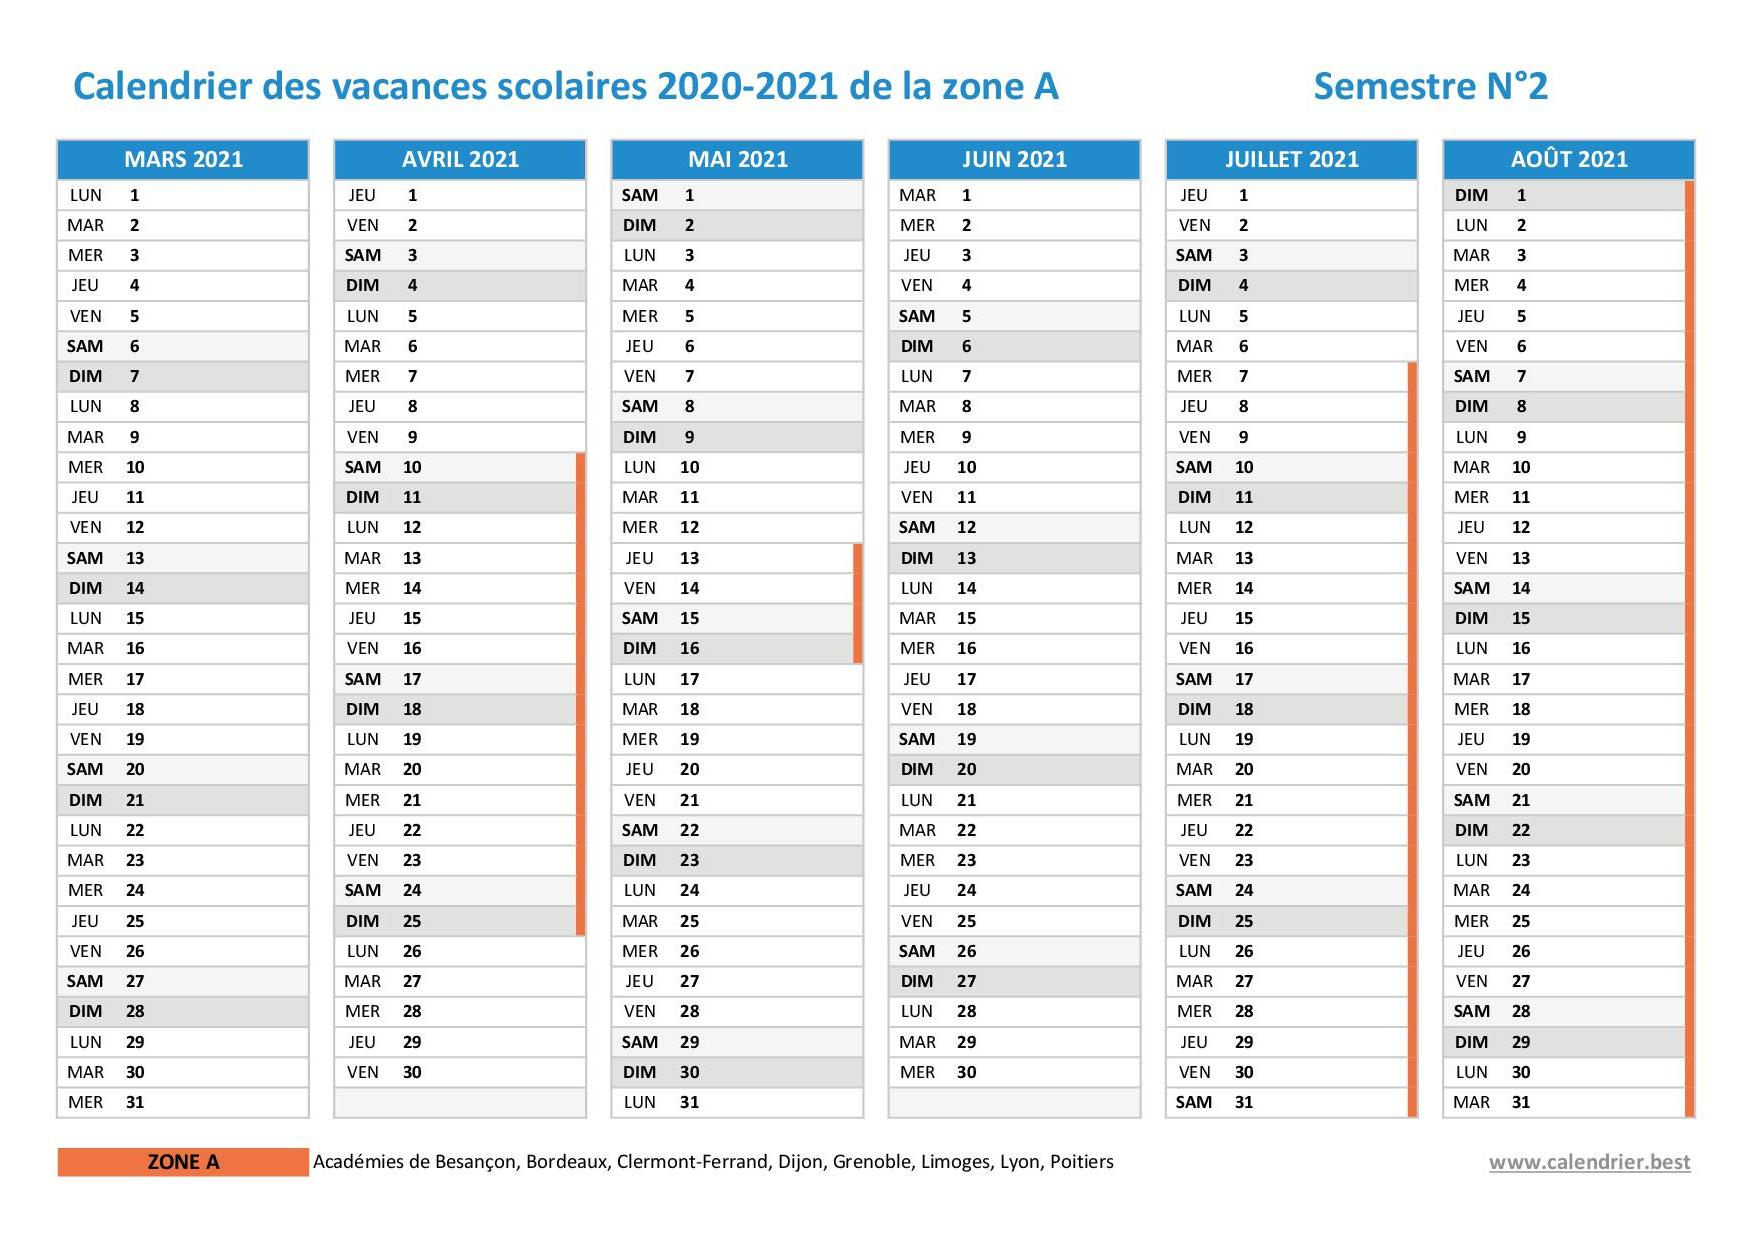 Calendrier Universitaire Limoges 2021 2022 Vacances scolaires 2020 2021 Limoges : dates et calendrier